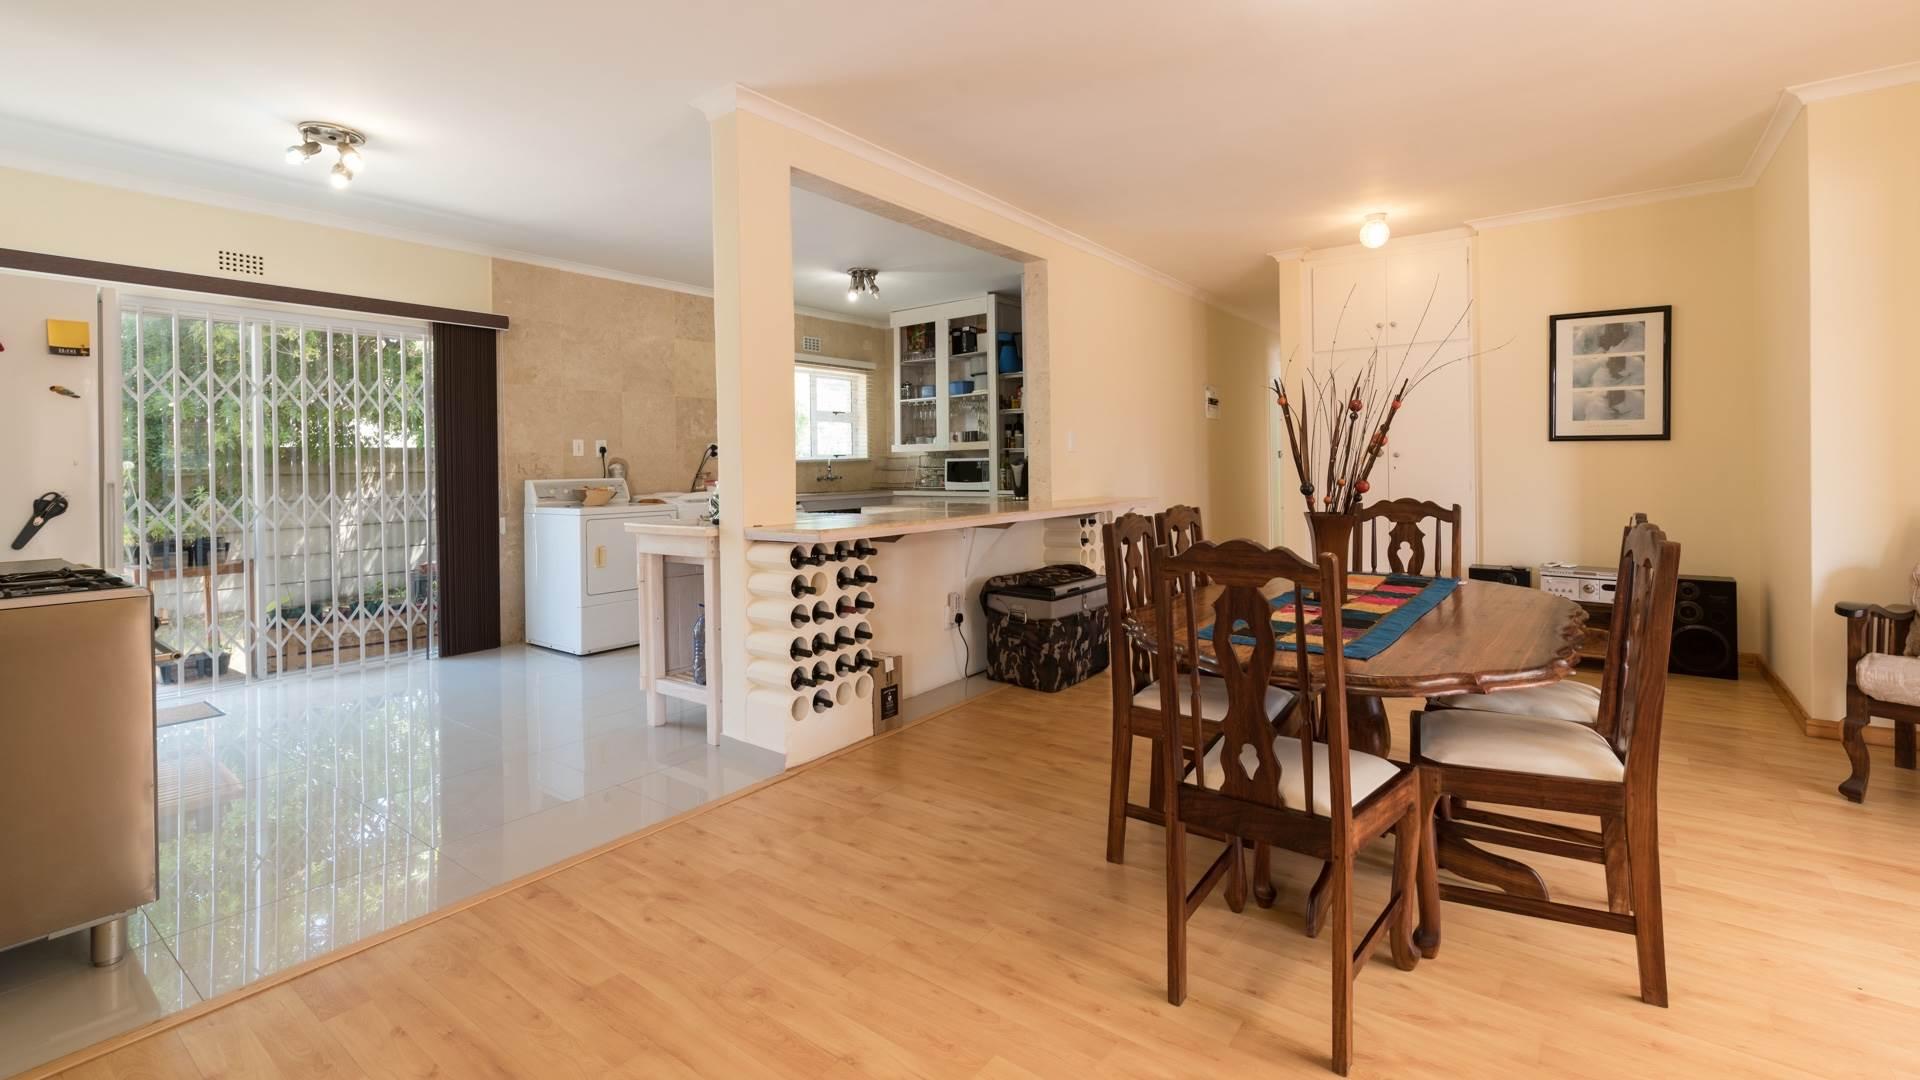 4 BedroomHouse For Sale In Van Riebeeckstrand